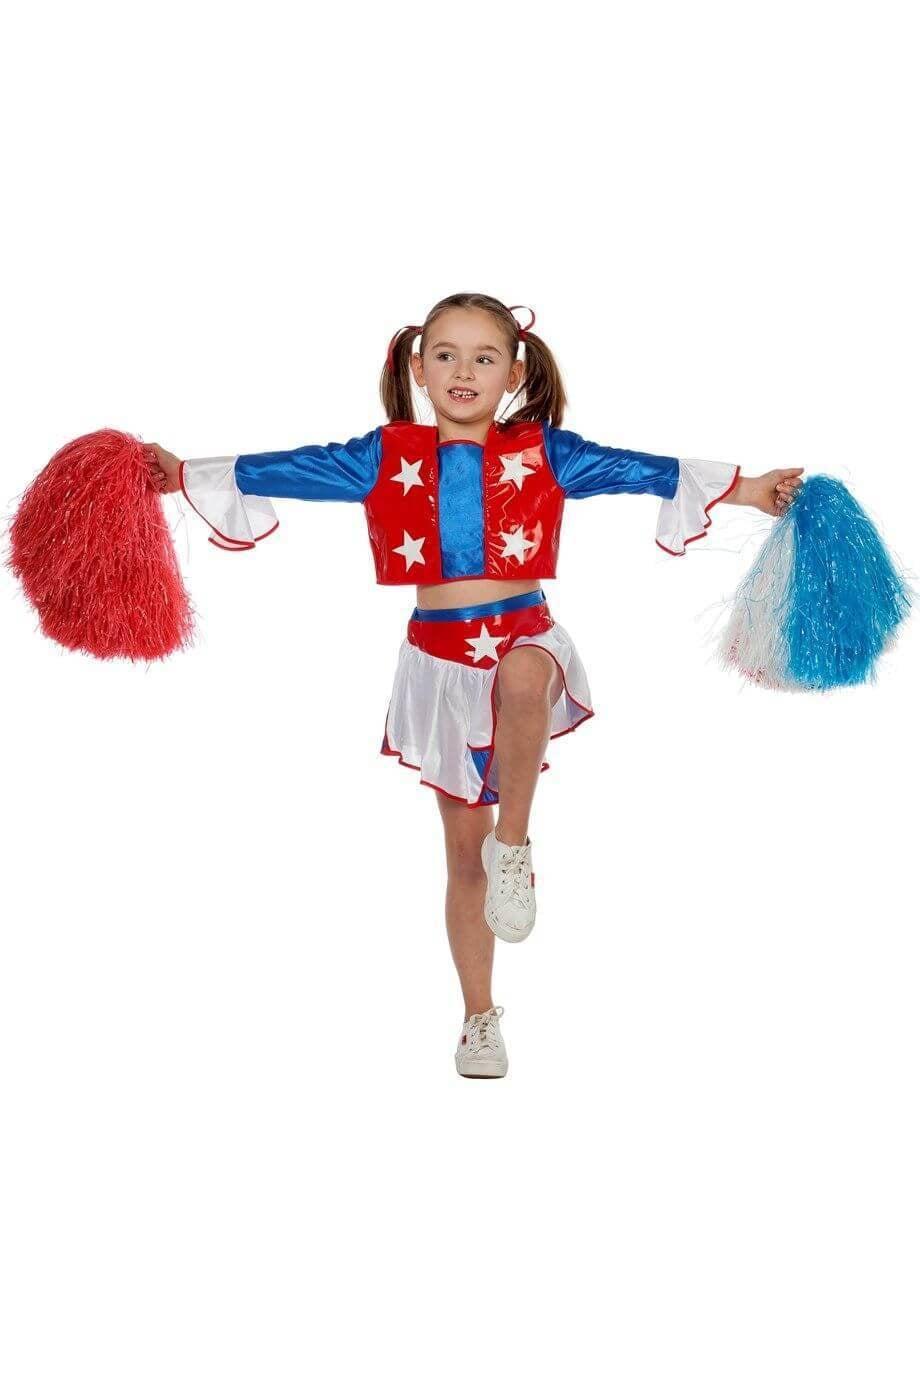 Cheerleader Galaxy